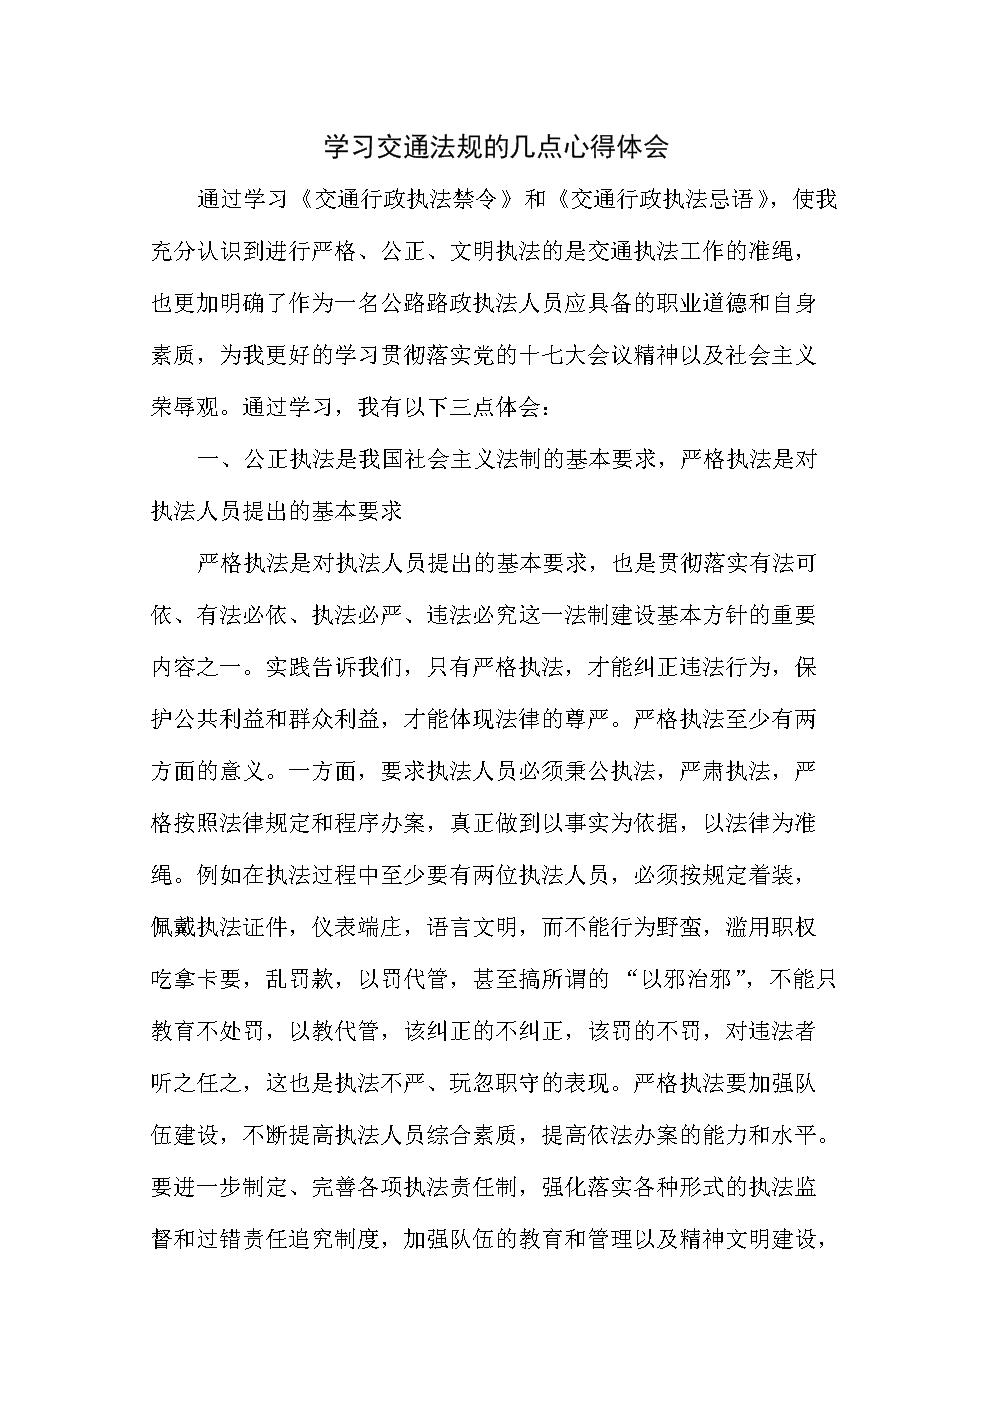 2020年学习交通法规心得体会.doc